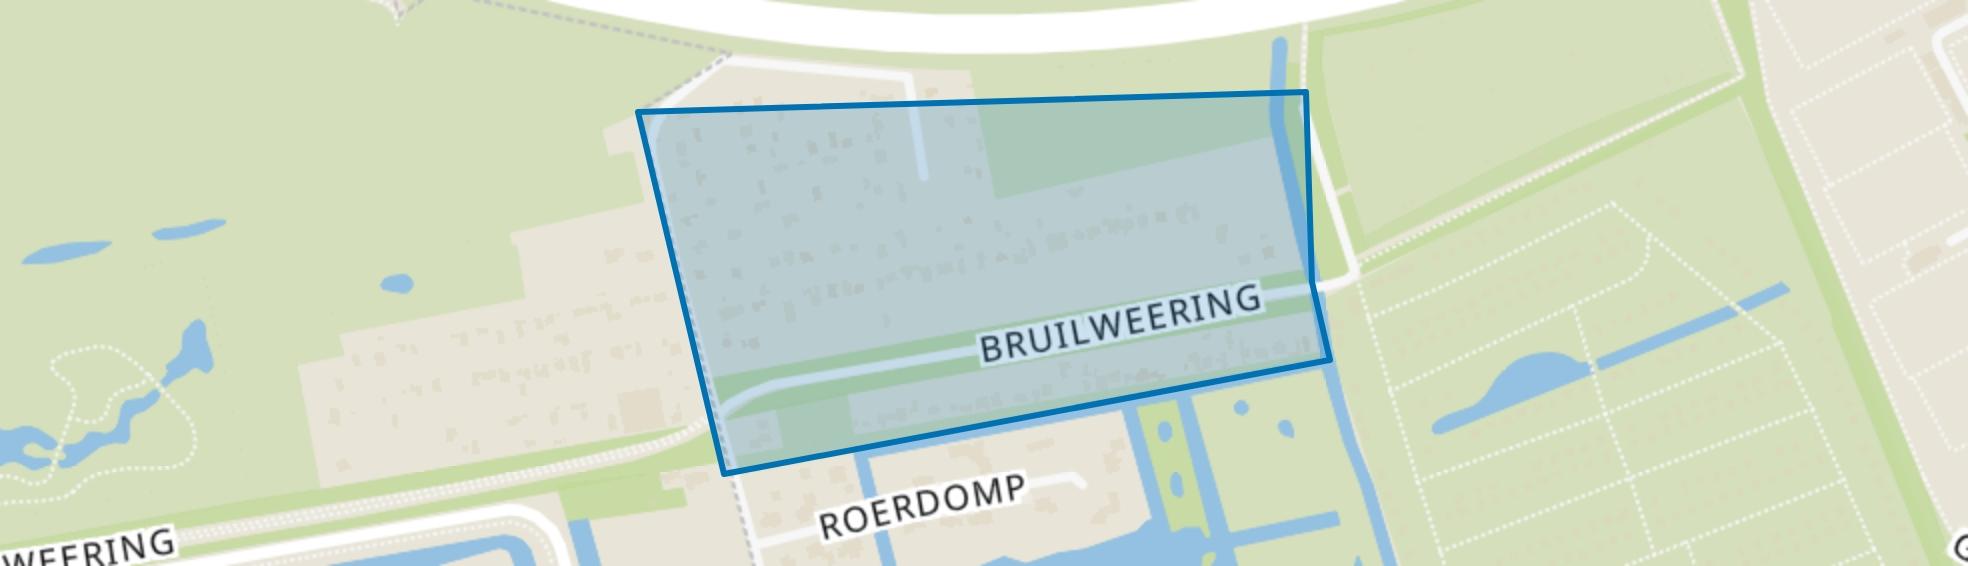 Bruilweering, Groningen map